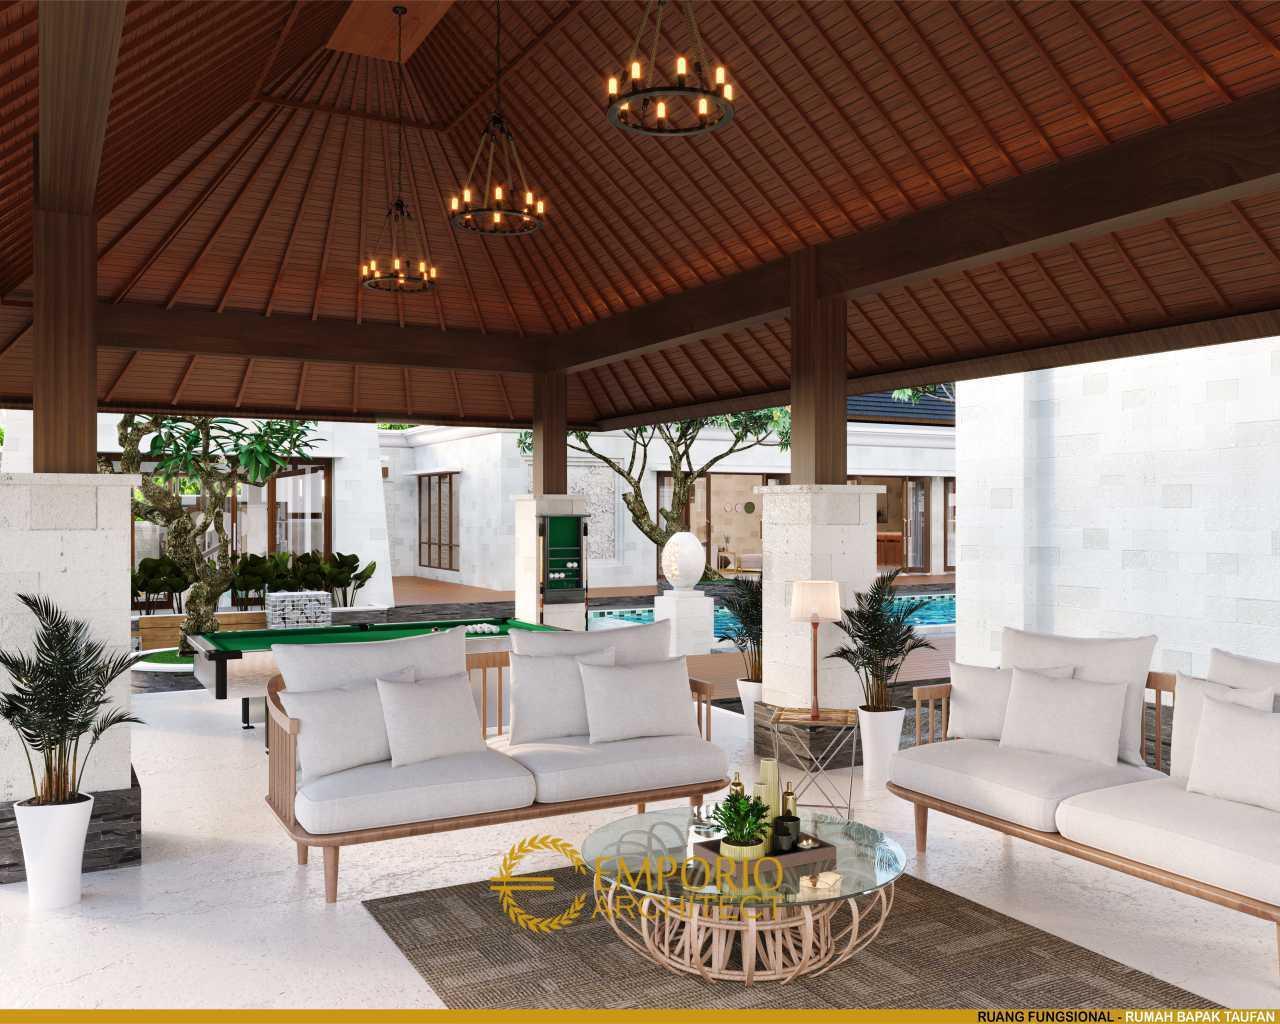 Emporio Architect Jasa Arsitek Jawa Timur Desain Rumah Villa Bali Tropis 721 @ Jember, Jawa Timur Jember, Kec. Kaliwates, Kabupaten Jember, Jawa Timur, Indonesia Jember, Kec. Kaliwates, Kabupaten Jember, Jawa Timur, Indonesia Emporio-Architect-Jasa-Arsitek-Jawa-Timur-Desain-Rumah-Villa-Bali-Tropis-721-Jember-Jawa-Timur  84630